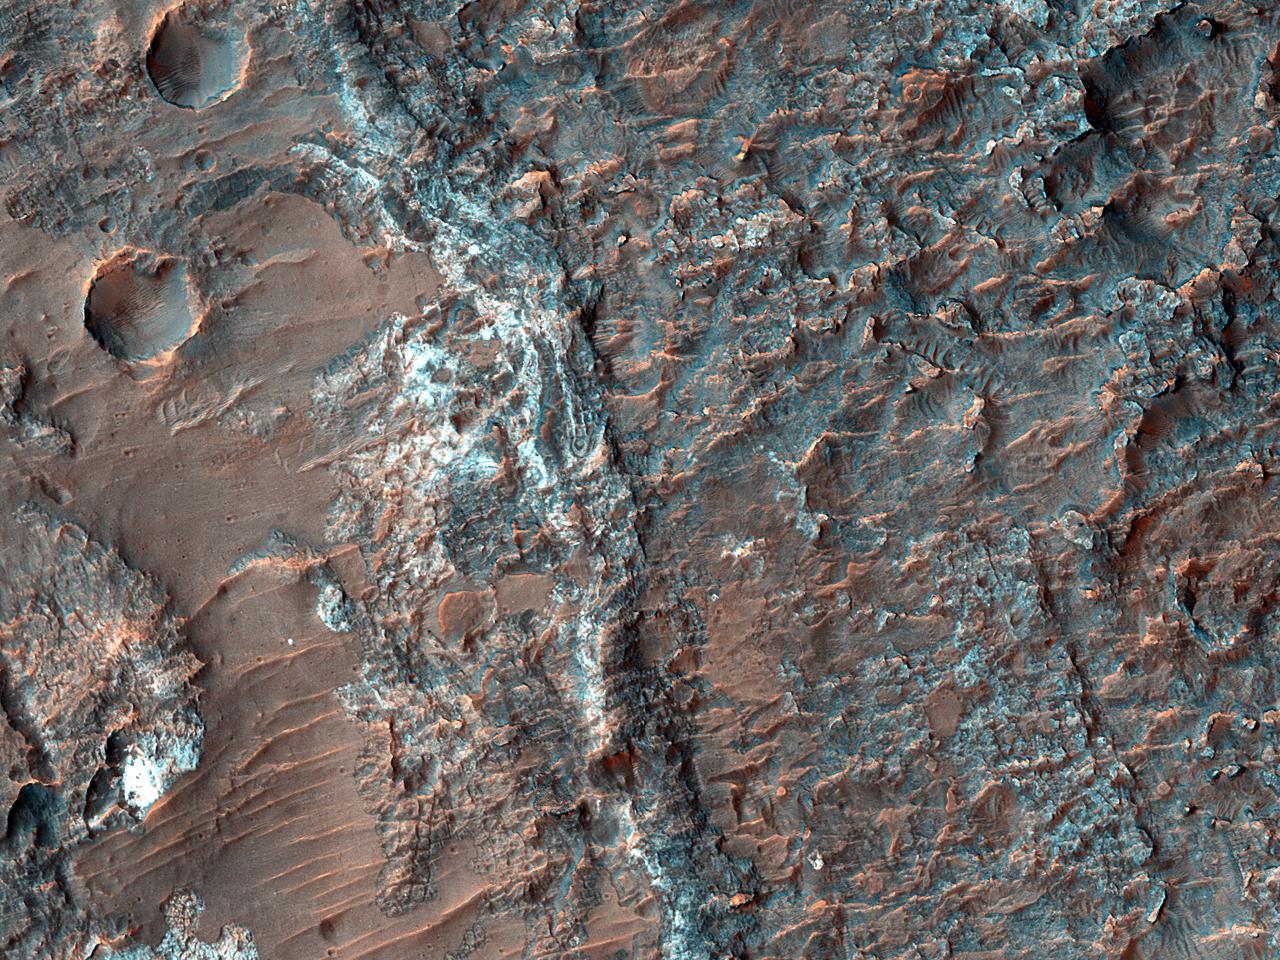 Materiale de culoare deschisă, expuse în lungul fundului văii Landon